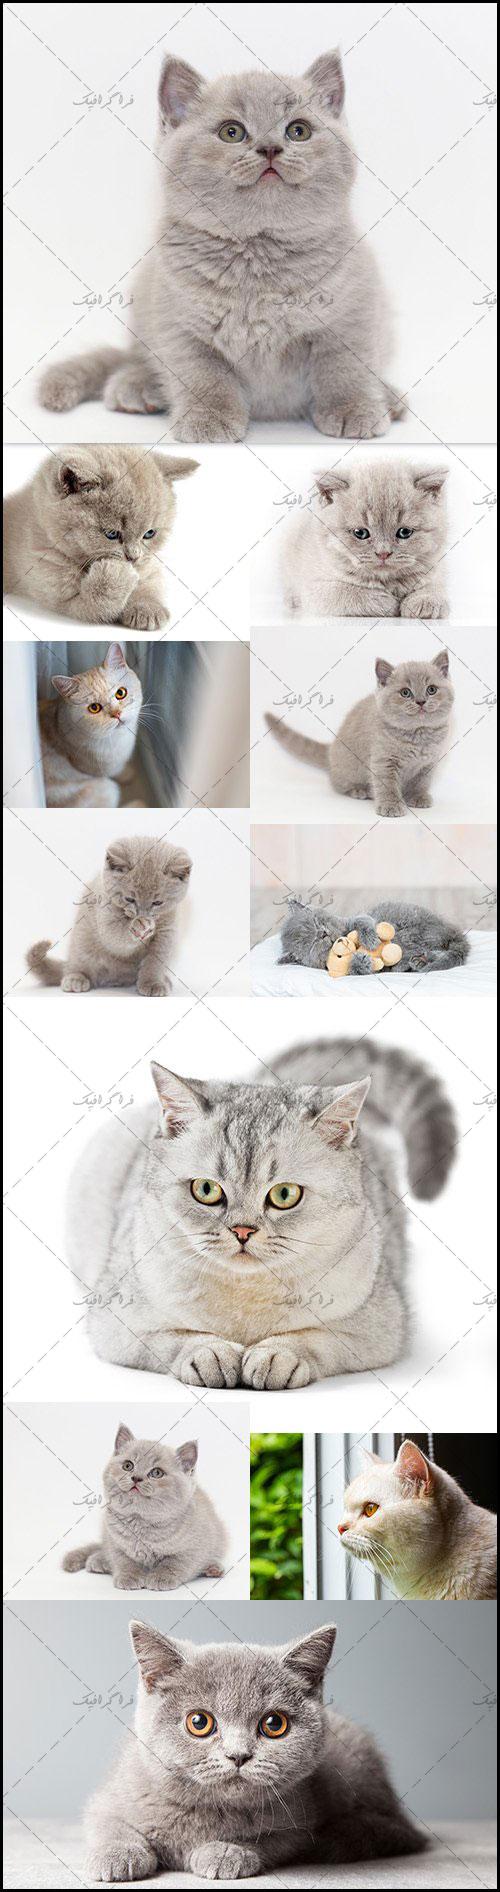 دانلود تصاویر استوک گربه کوچک پشمالو - رایگان